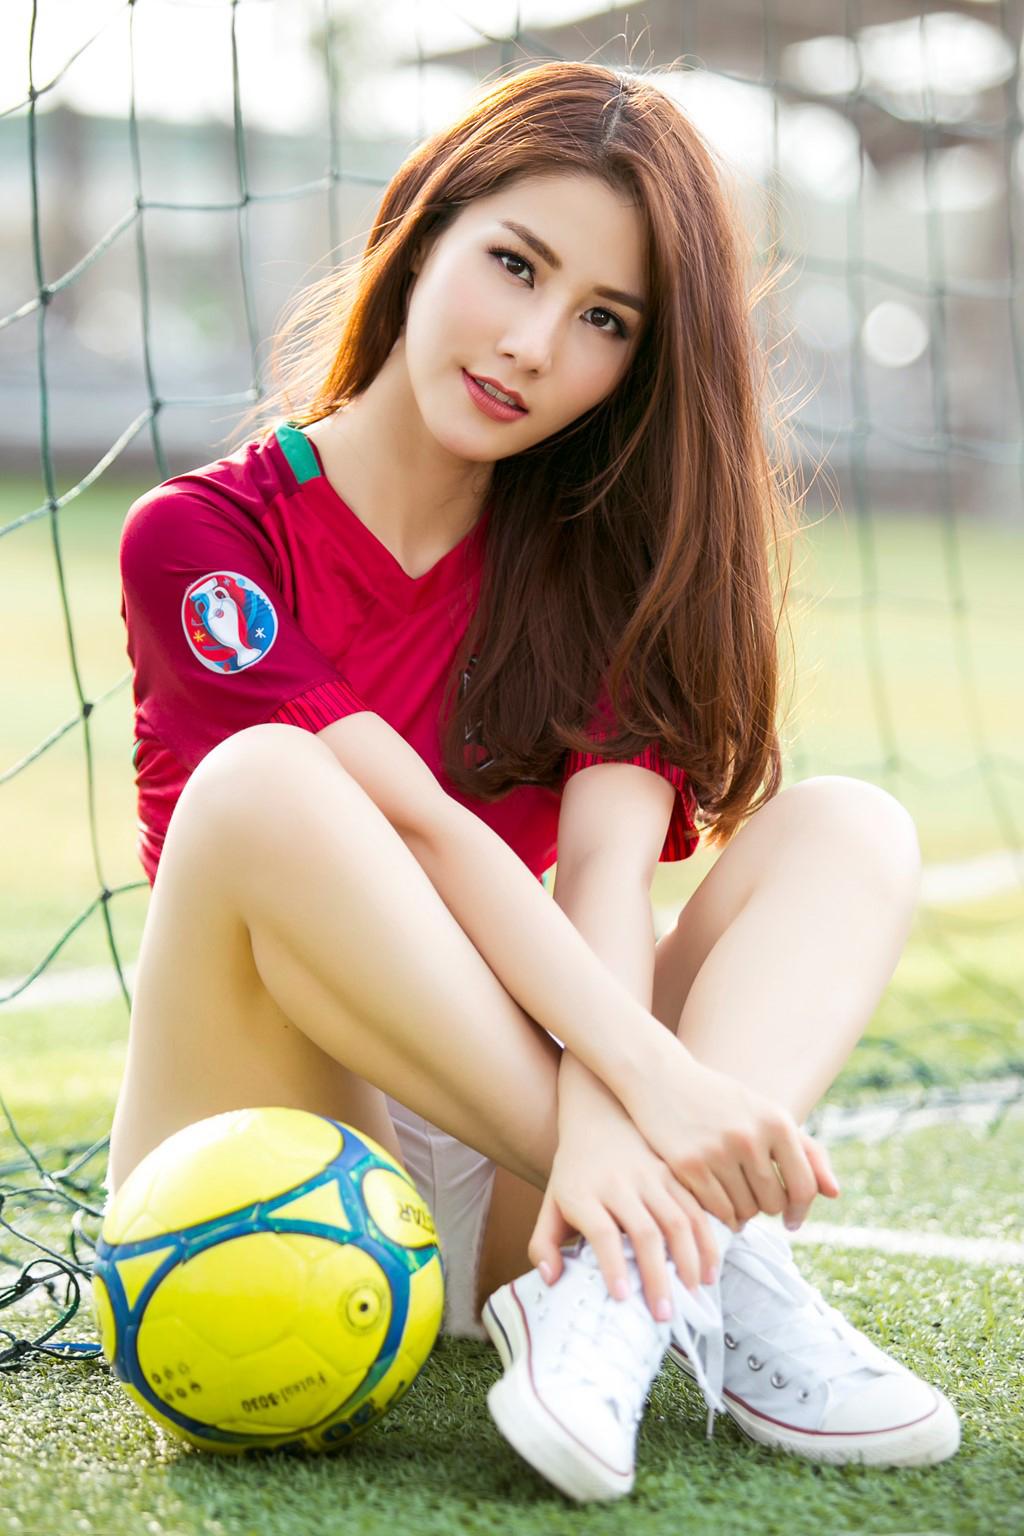 Trước thềm Euro 2016, nữ diễn viên xinh đẹp Diễm My 9x đăng tải một